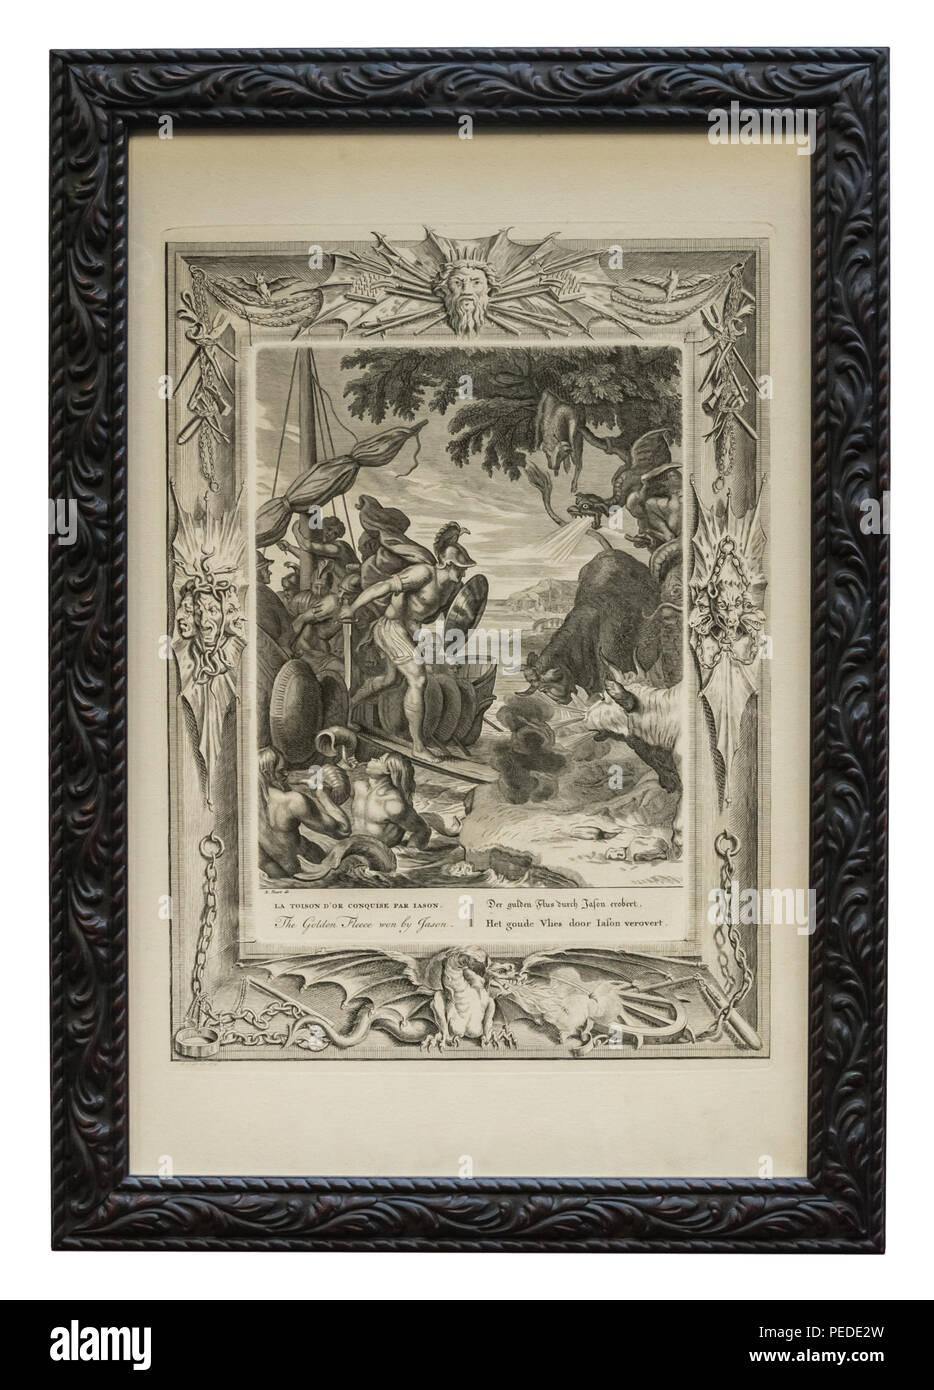 Antiker Kupferstich – Griechische Sage – Jason - mit schwarzem Bilderrahmen, der mit stilisierten Blätterranken verziert ist Stock Photo